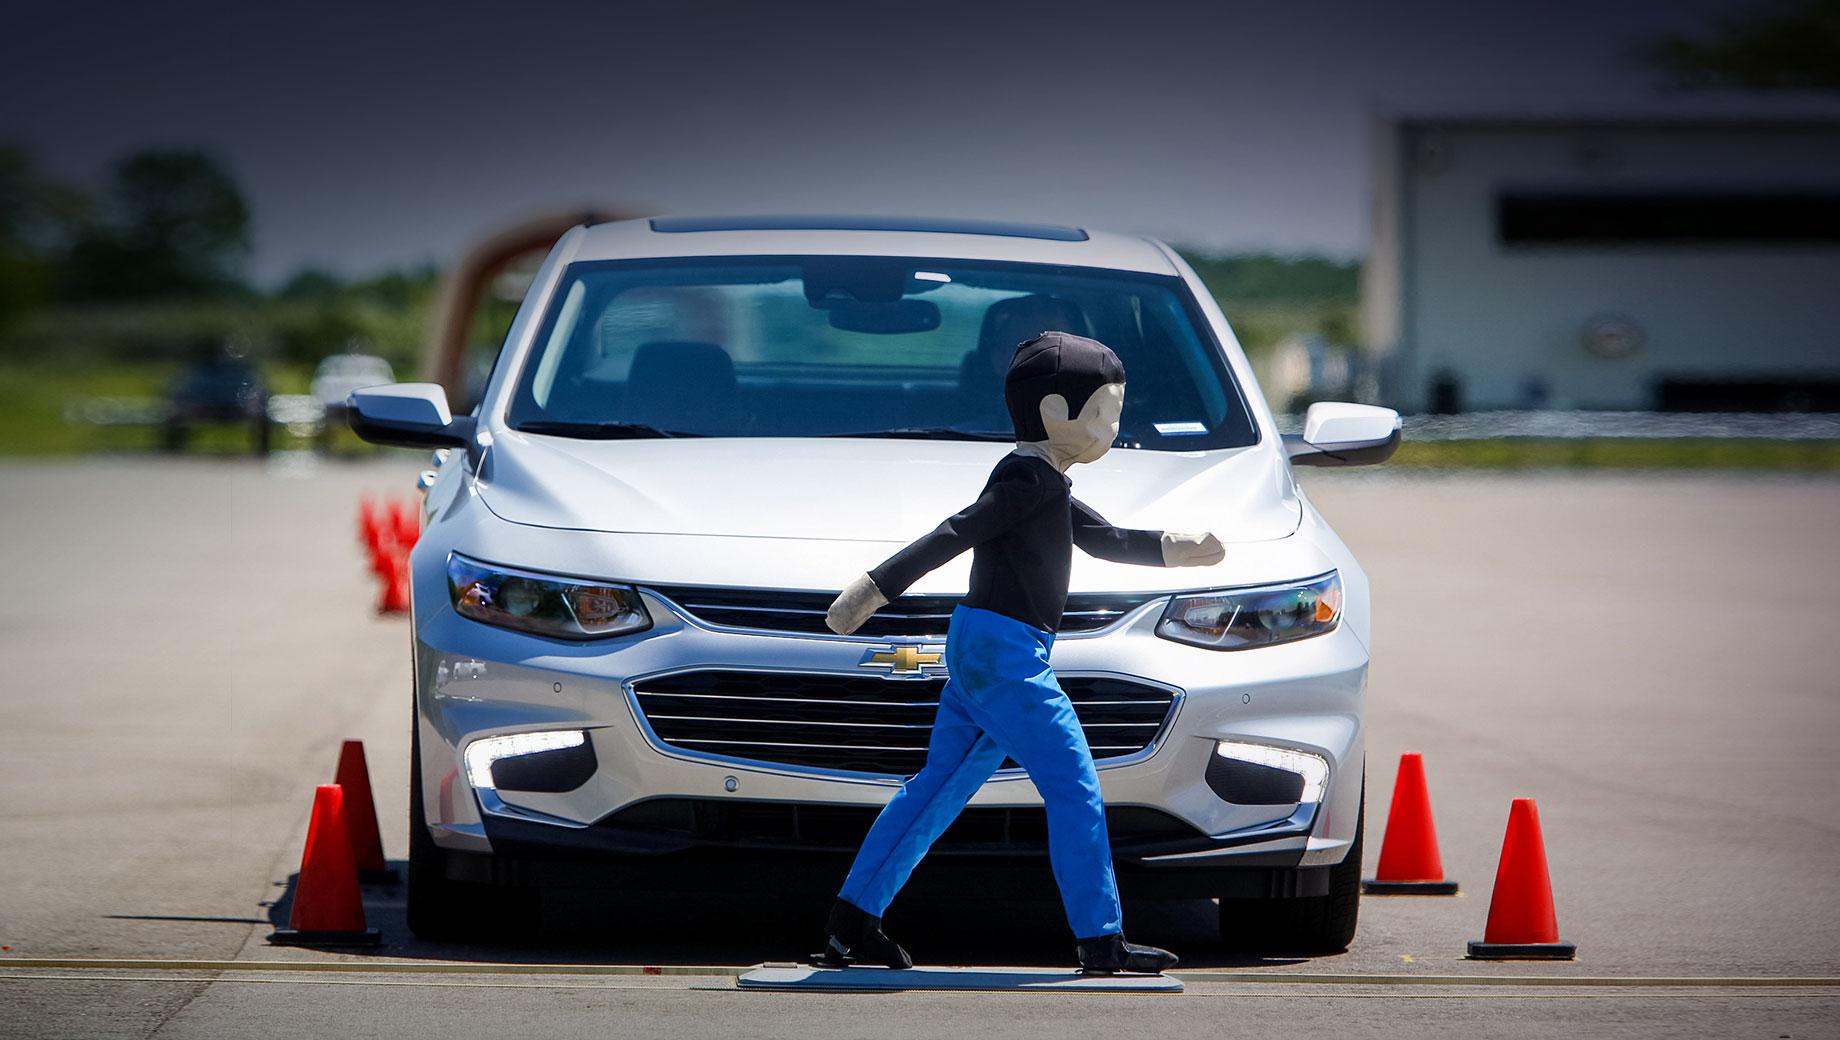 Бренд Periscope обозначил подход GM к безопасности